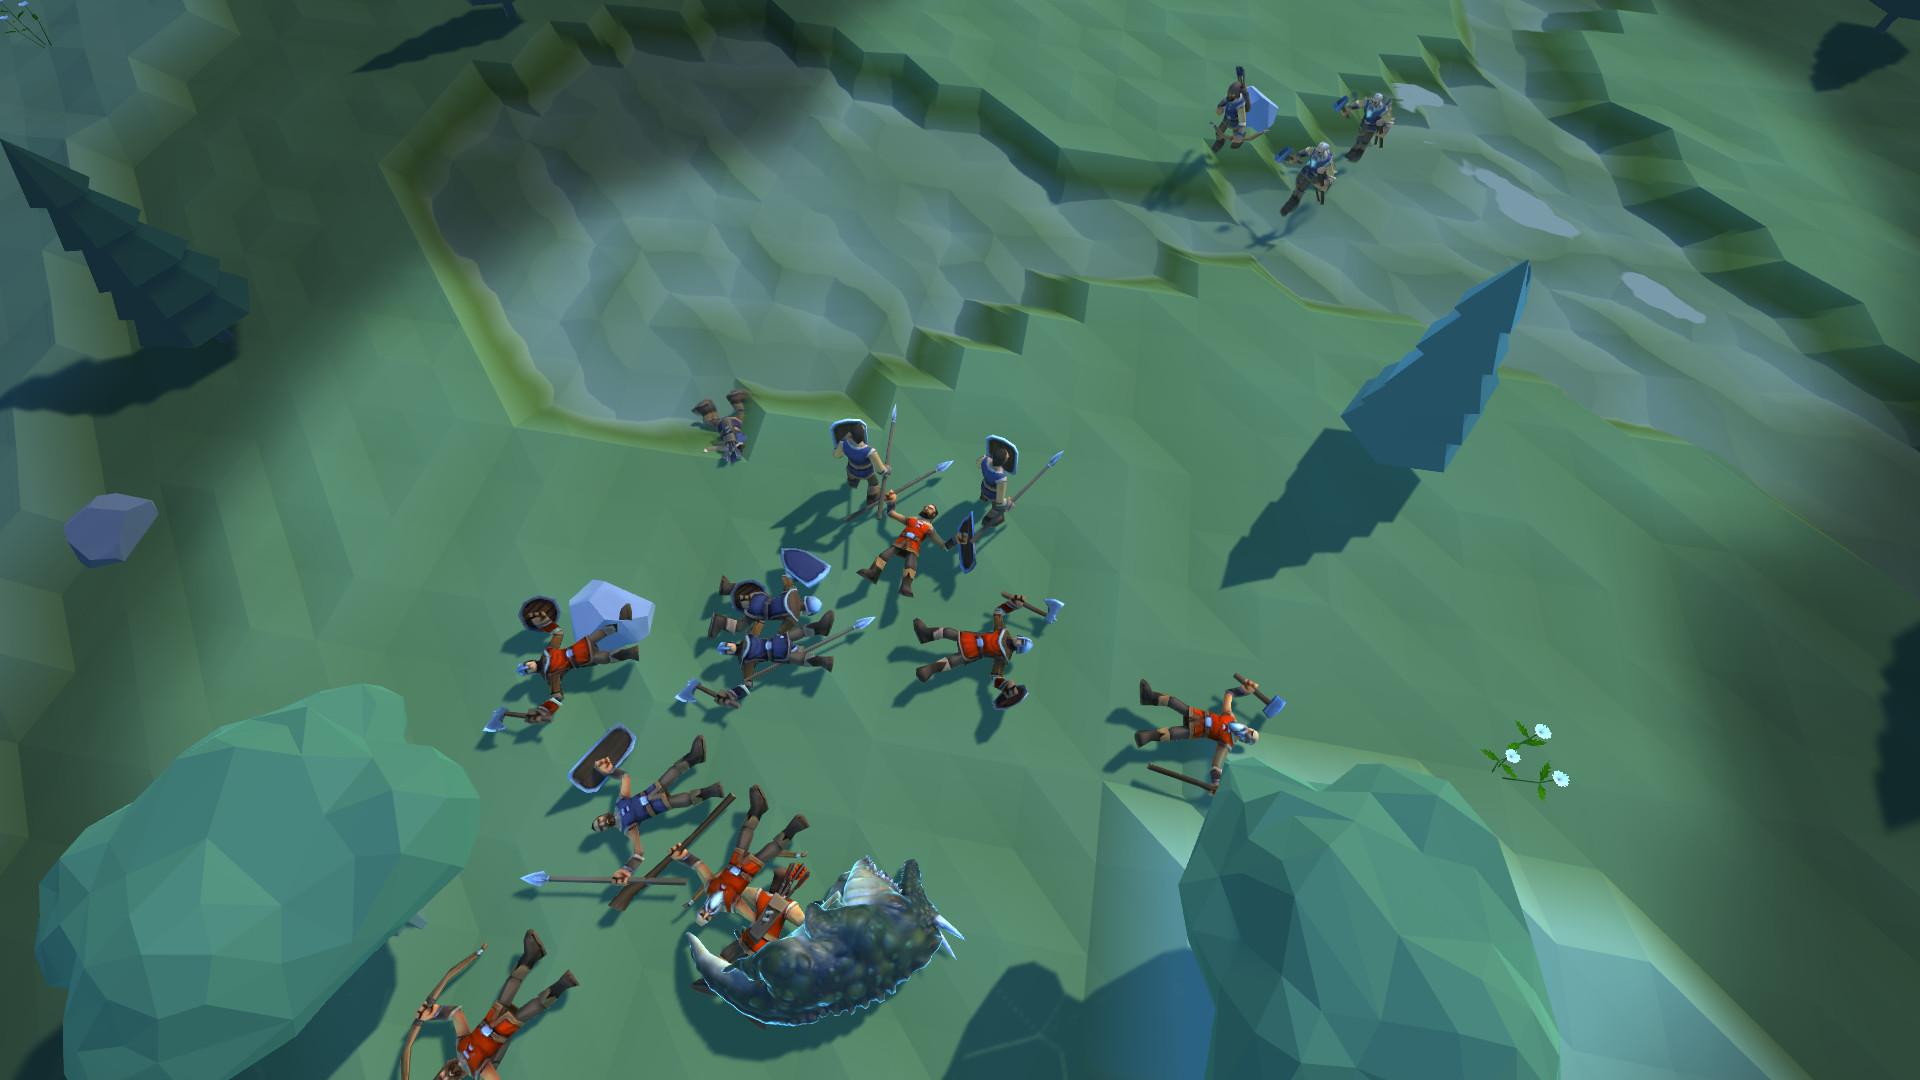 com.steam.1052010-screenshot